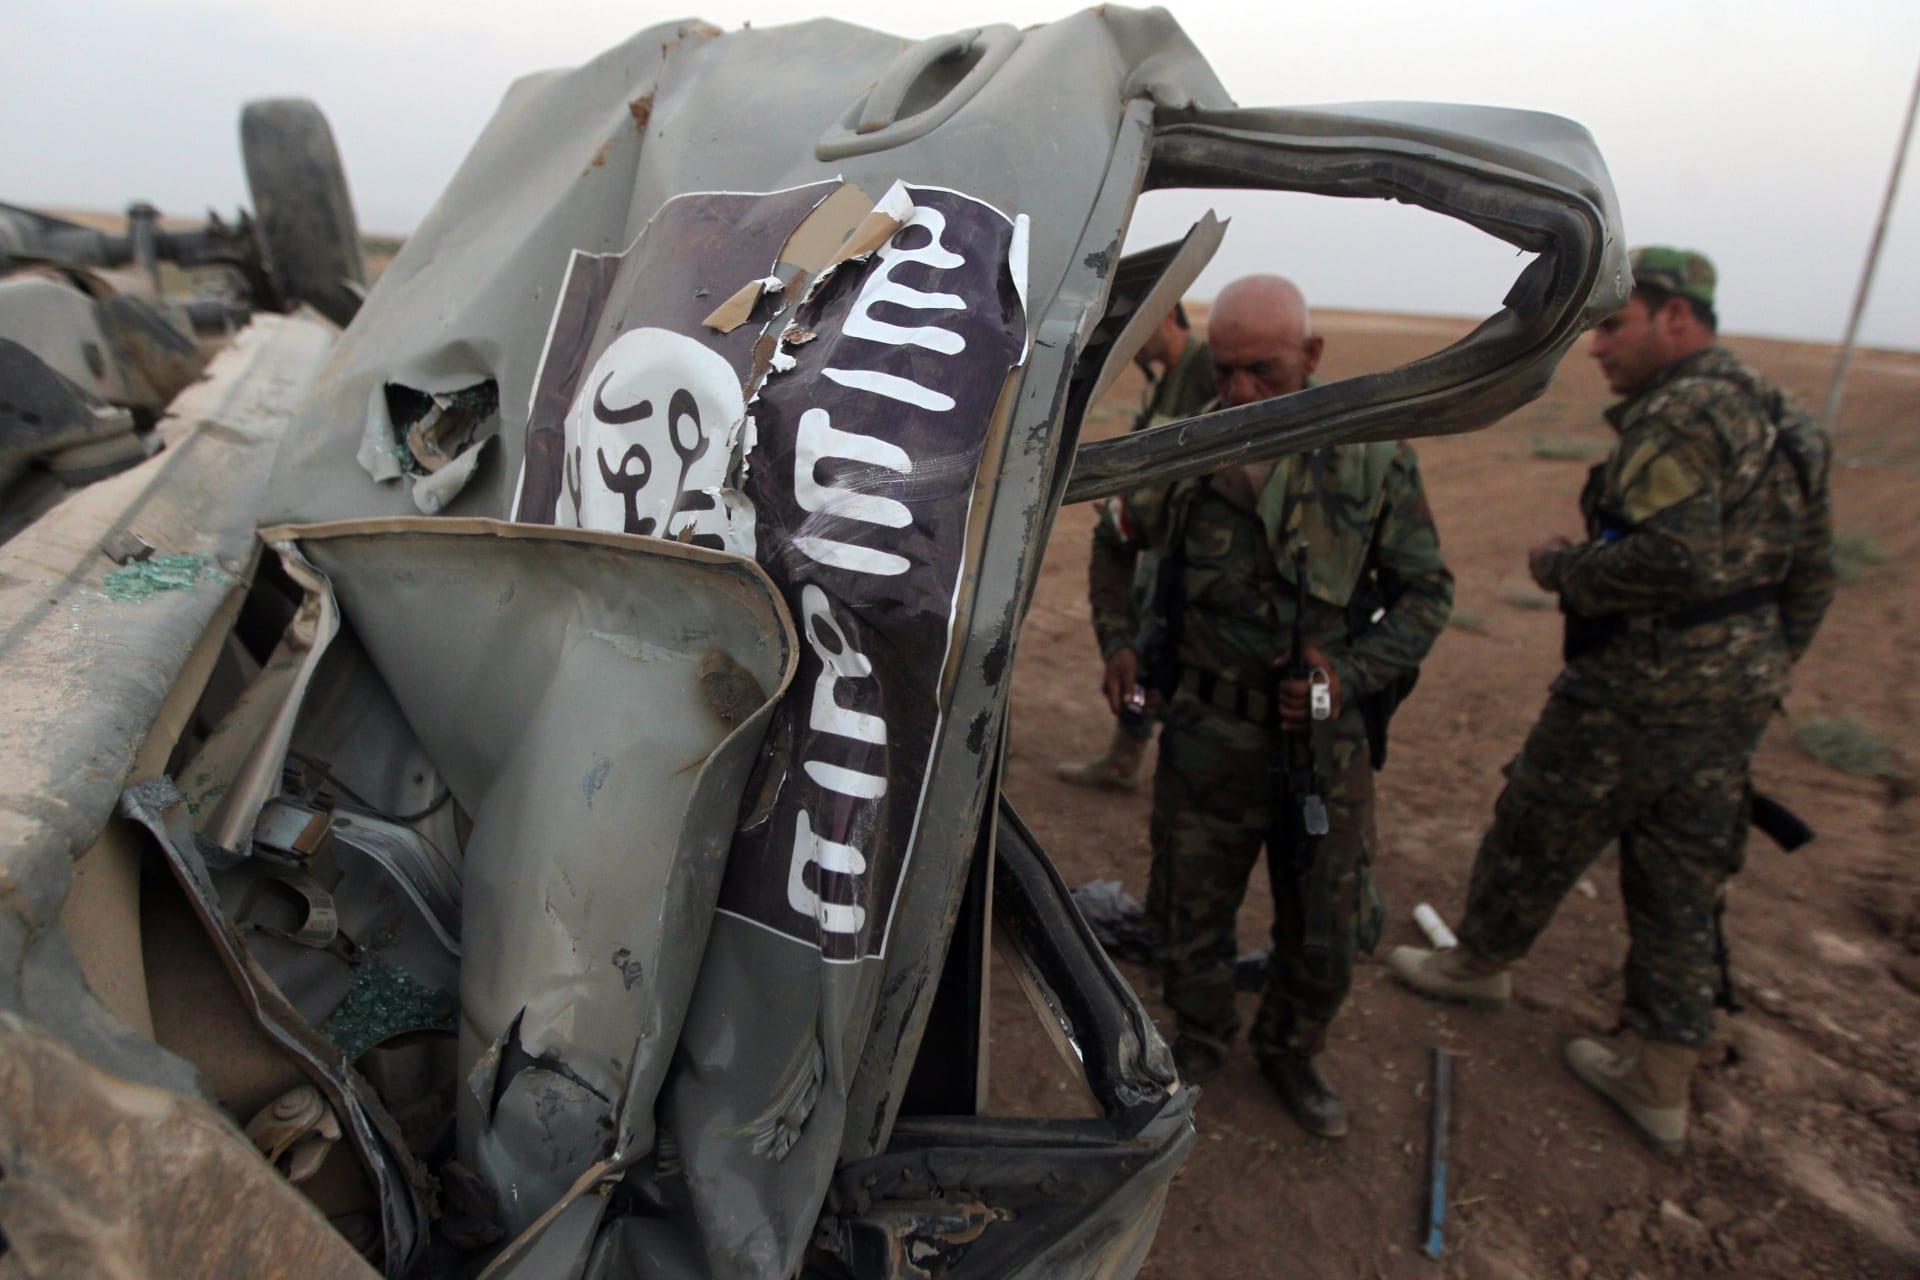 صحف: داعش أكبر من جيش الكويت وقطر تطرد قيادات إخوانية